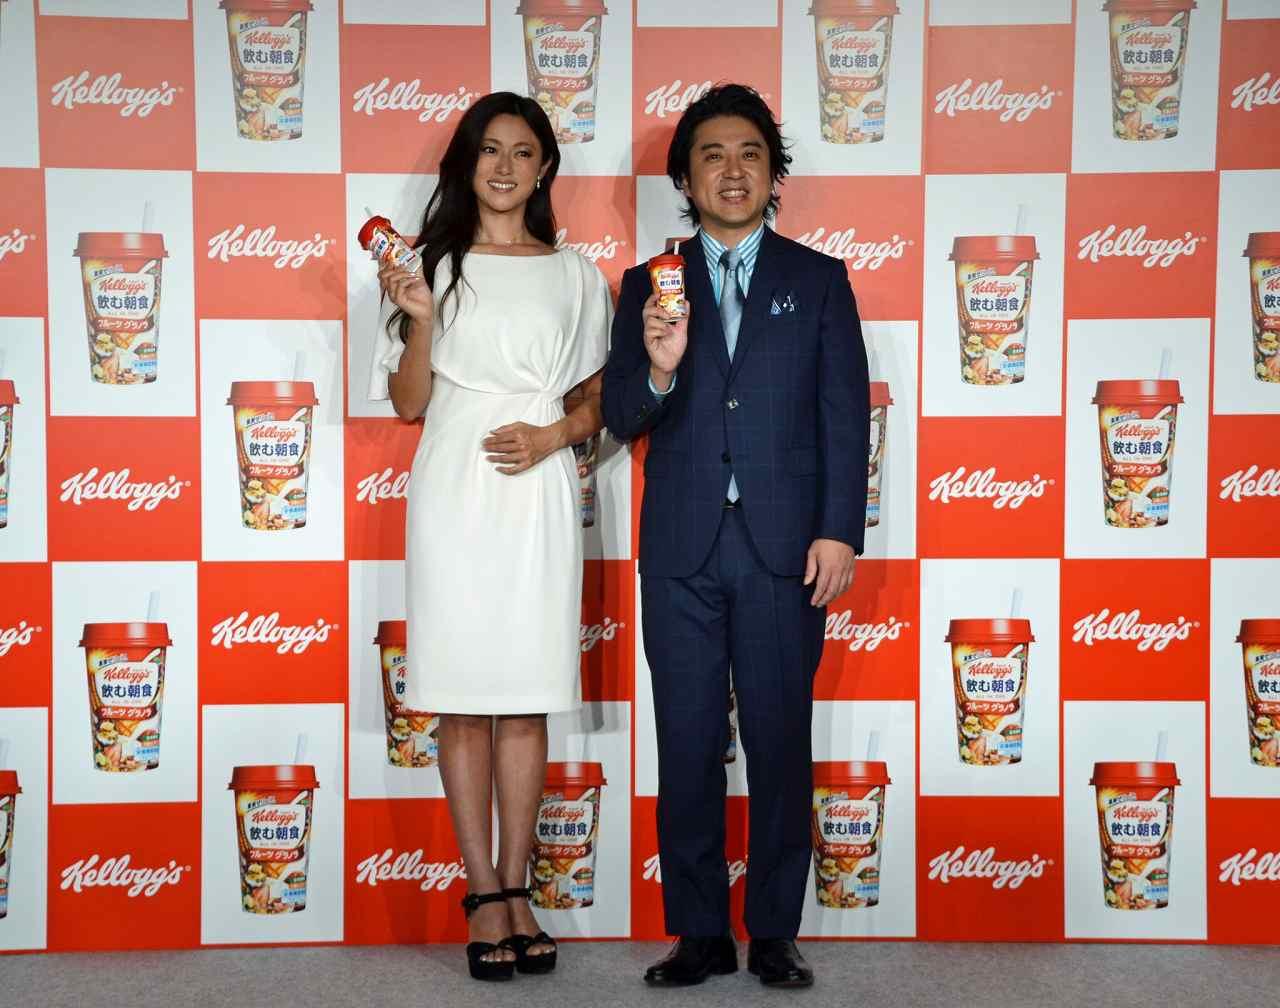 ケロッグ「飲む朝食 フルーツグラノラ」会見での深田恭子とムロツヨシ